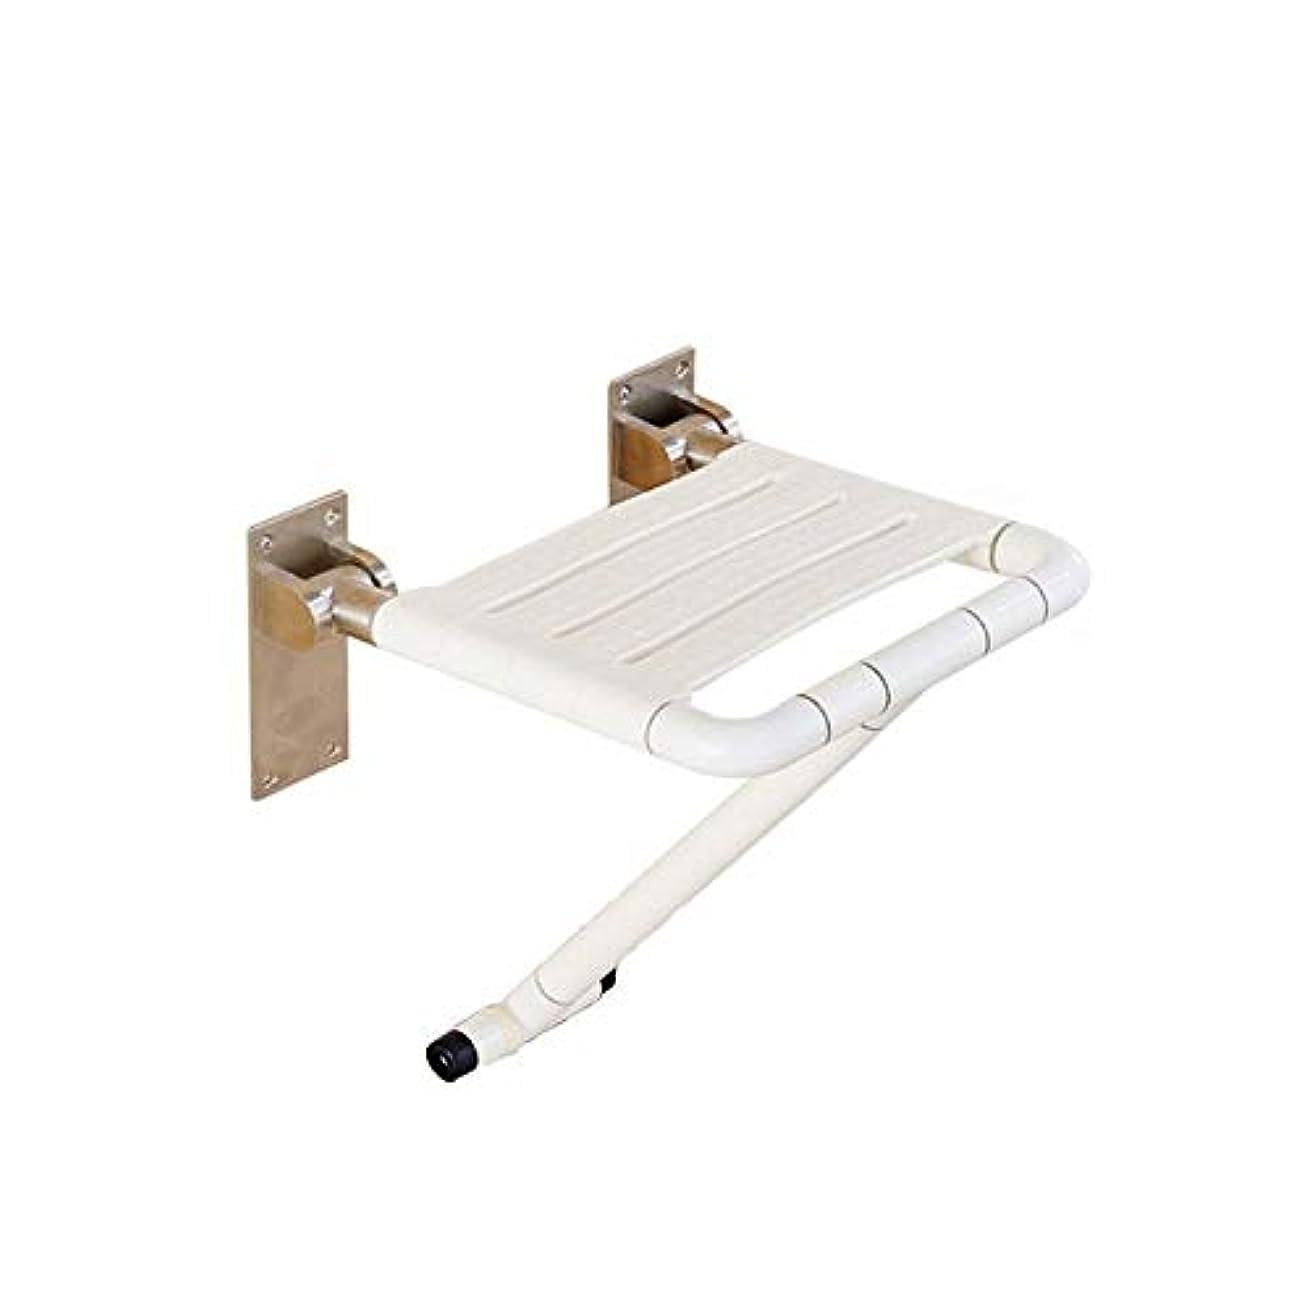 緊張する楽なアトム壁に取り付けられた折るシャワーの座席腰掛けの移動性の援助